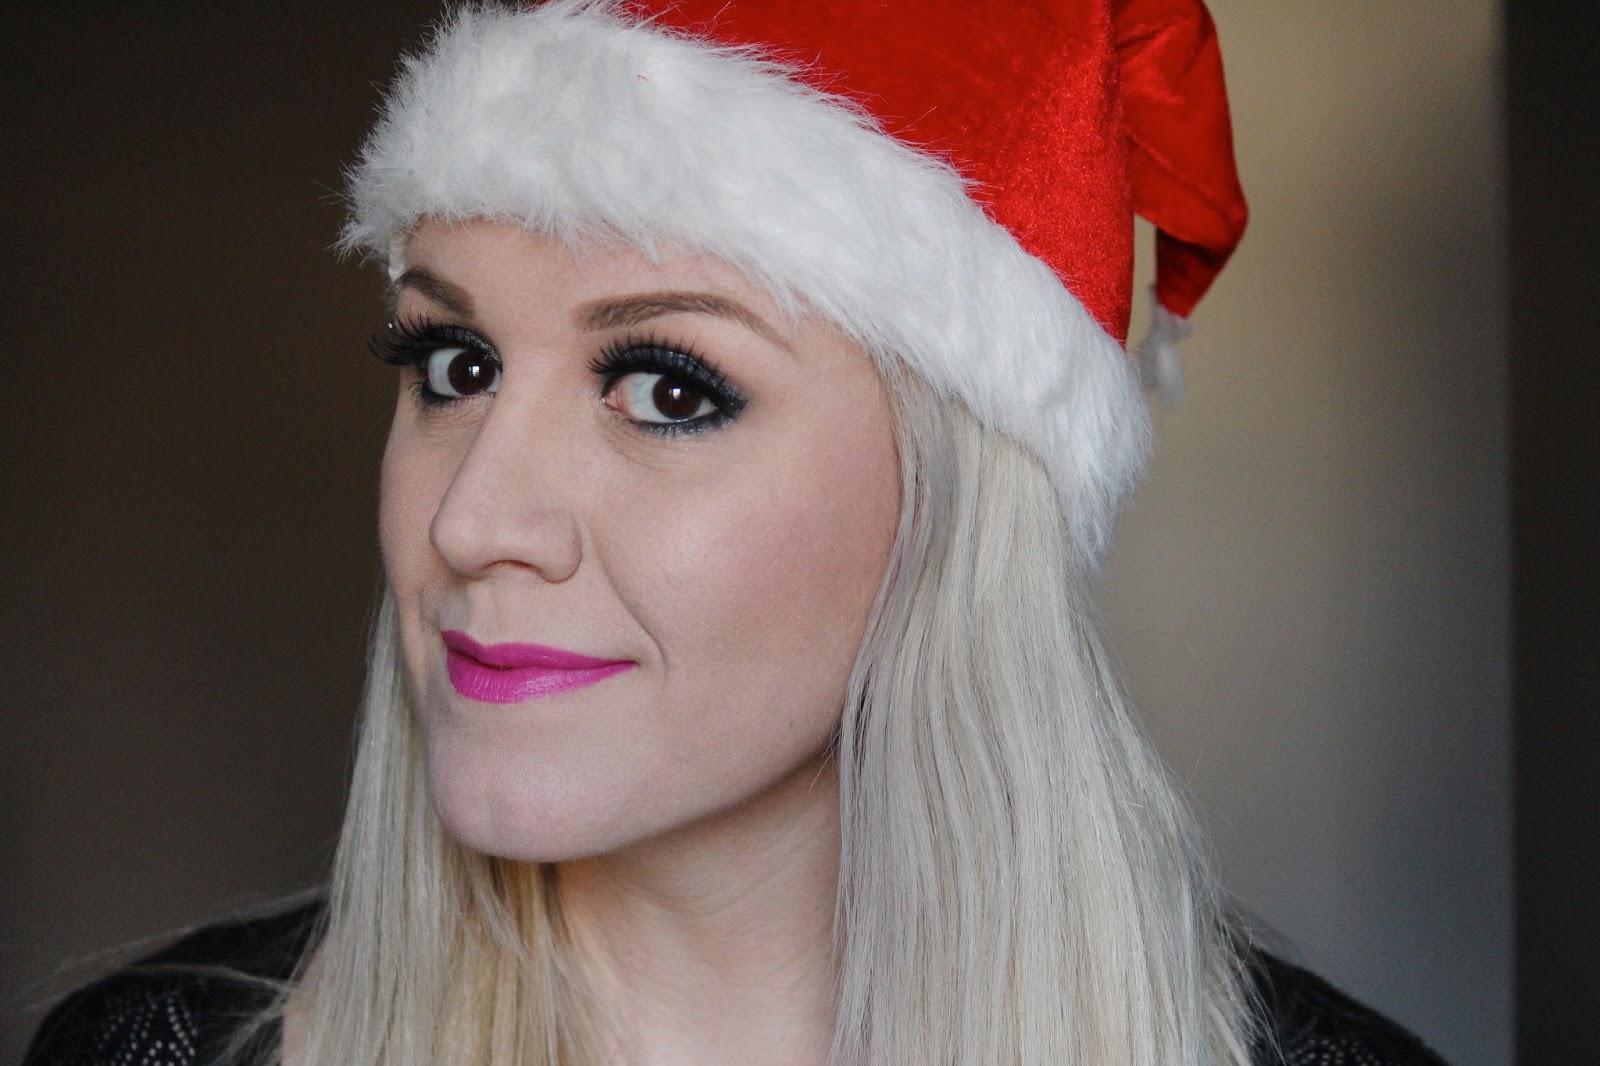 Novogodišnji look kreiran uz Avon šminku